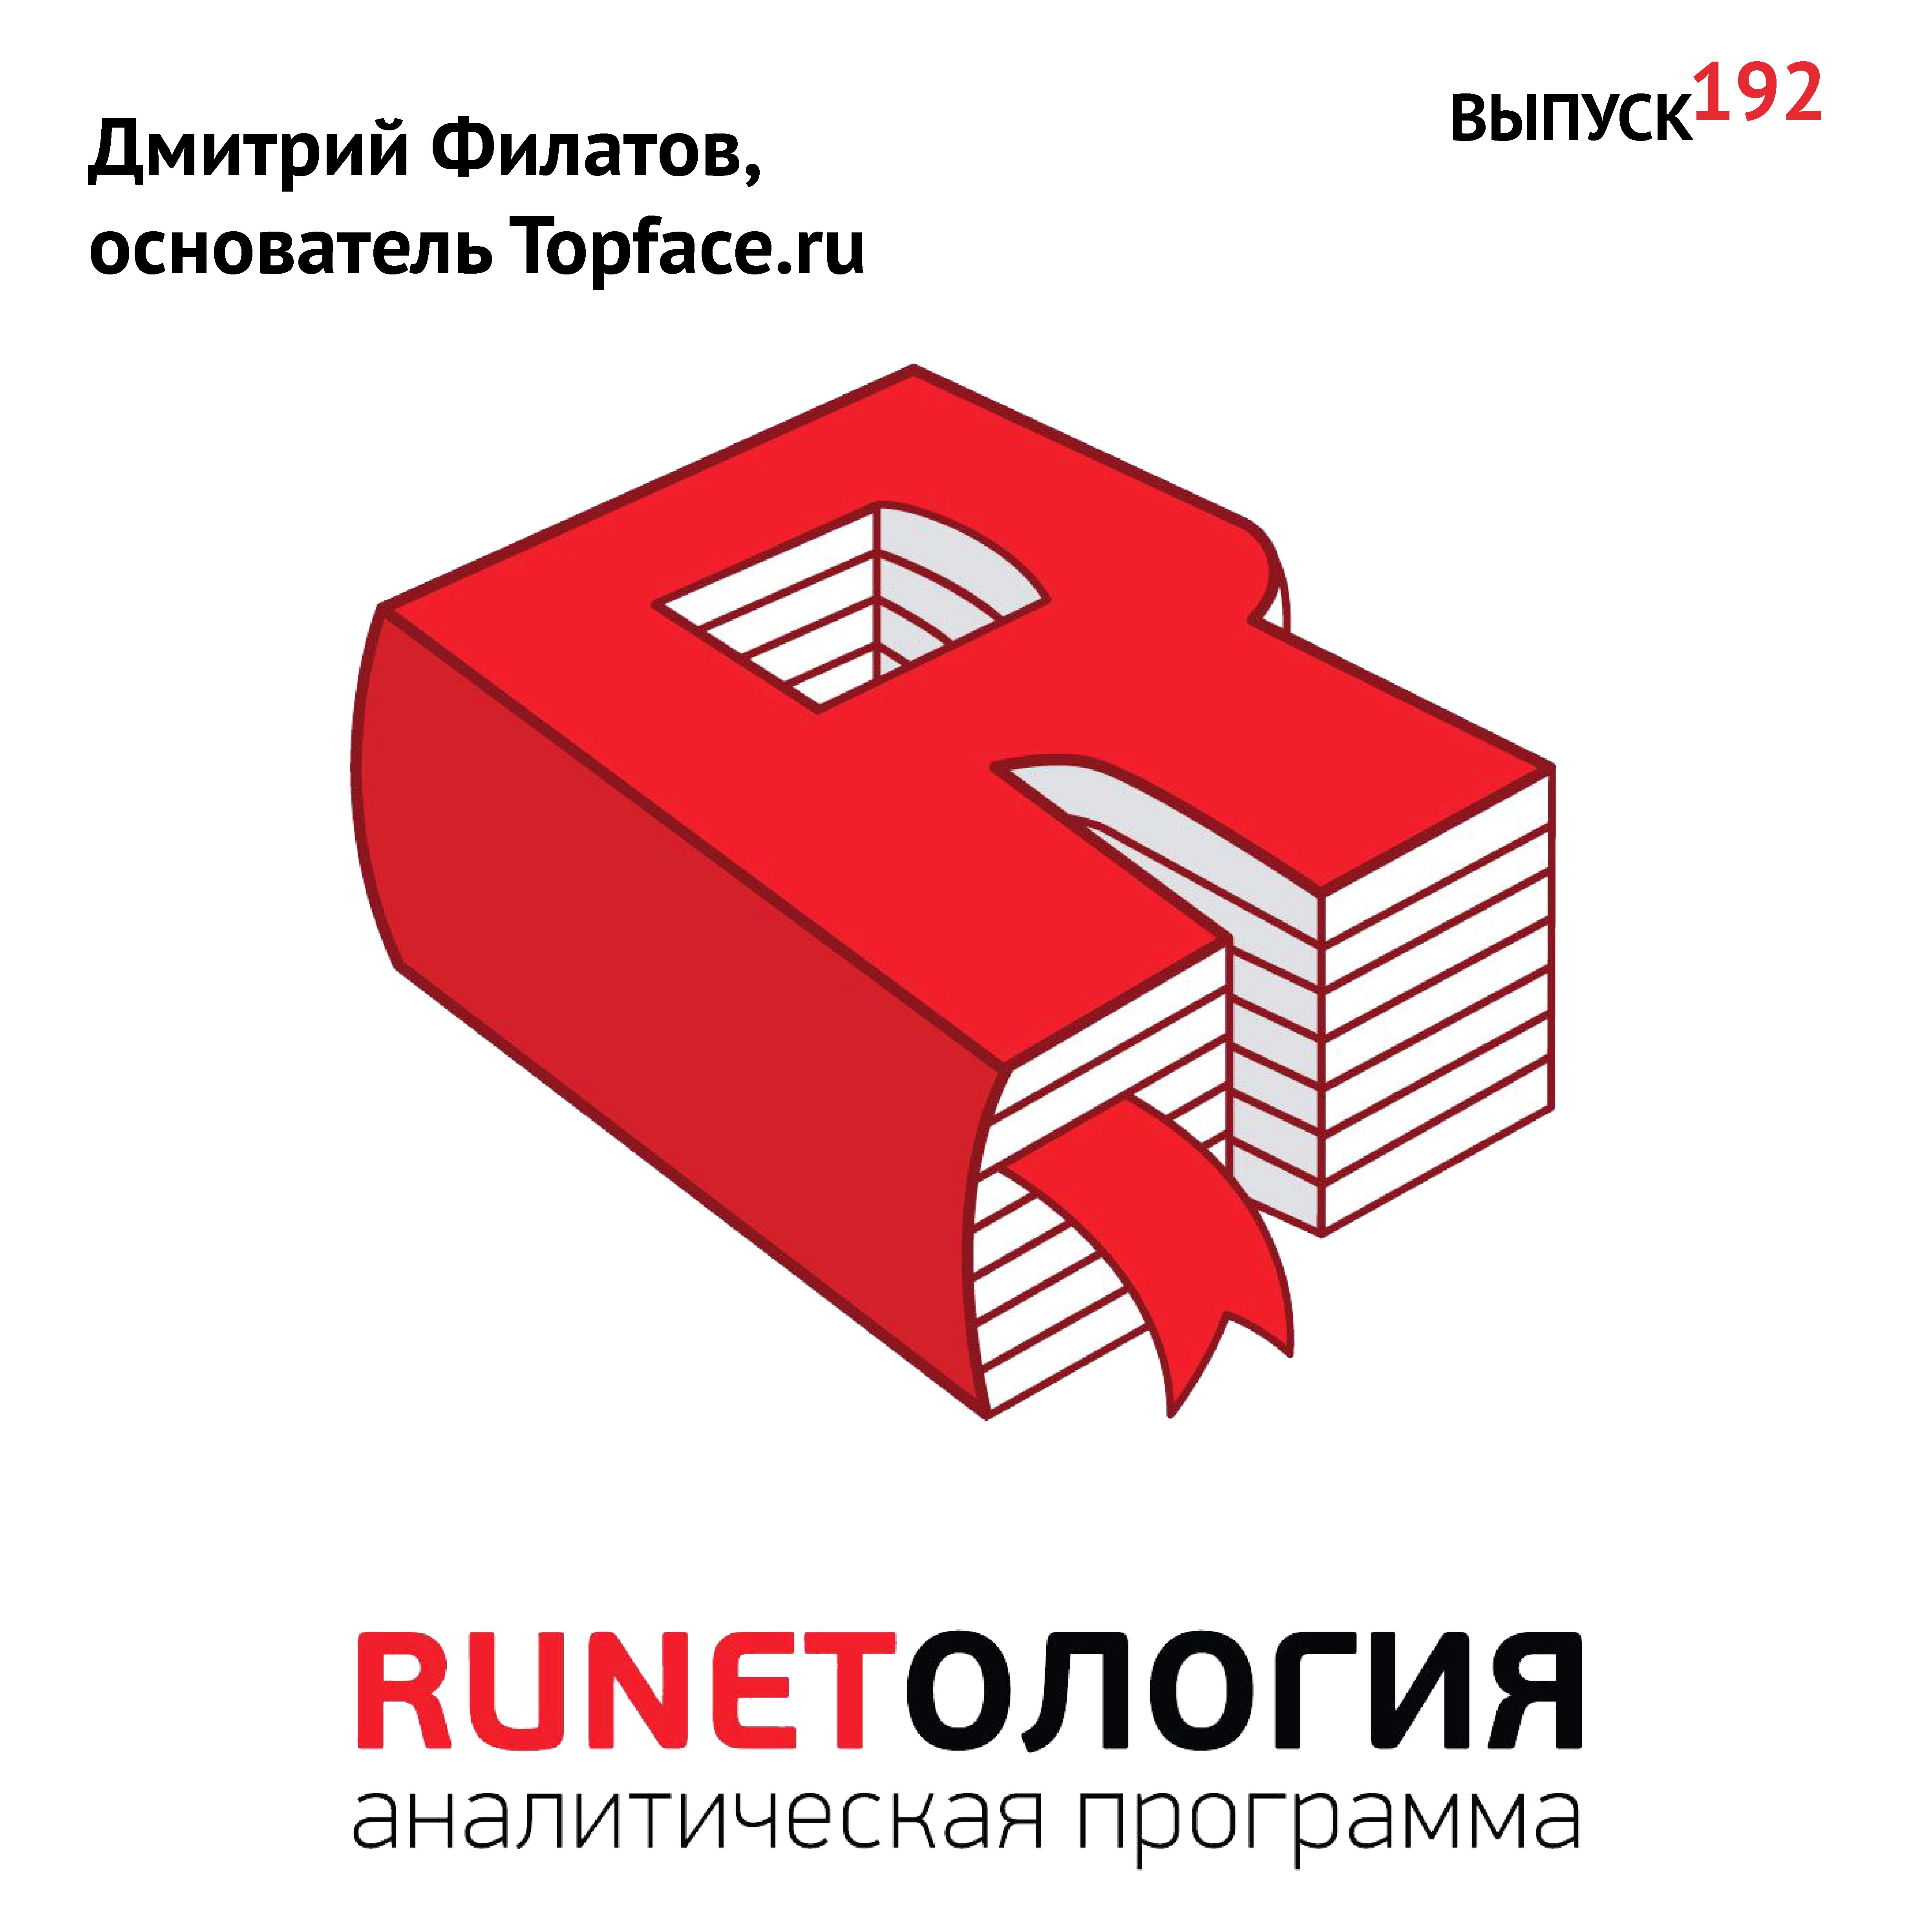 Дмитрий Филатов, основатель Topface.ru